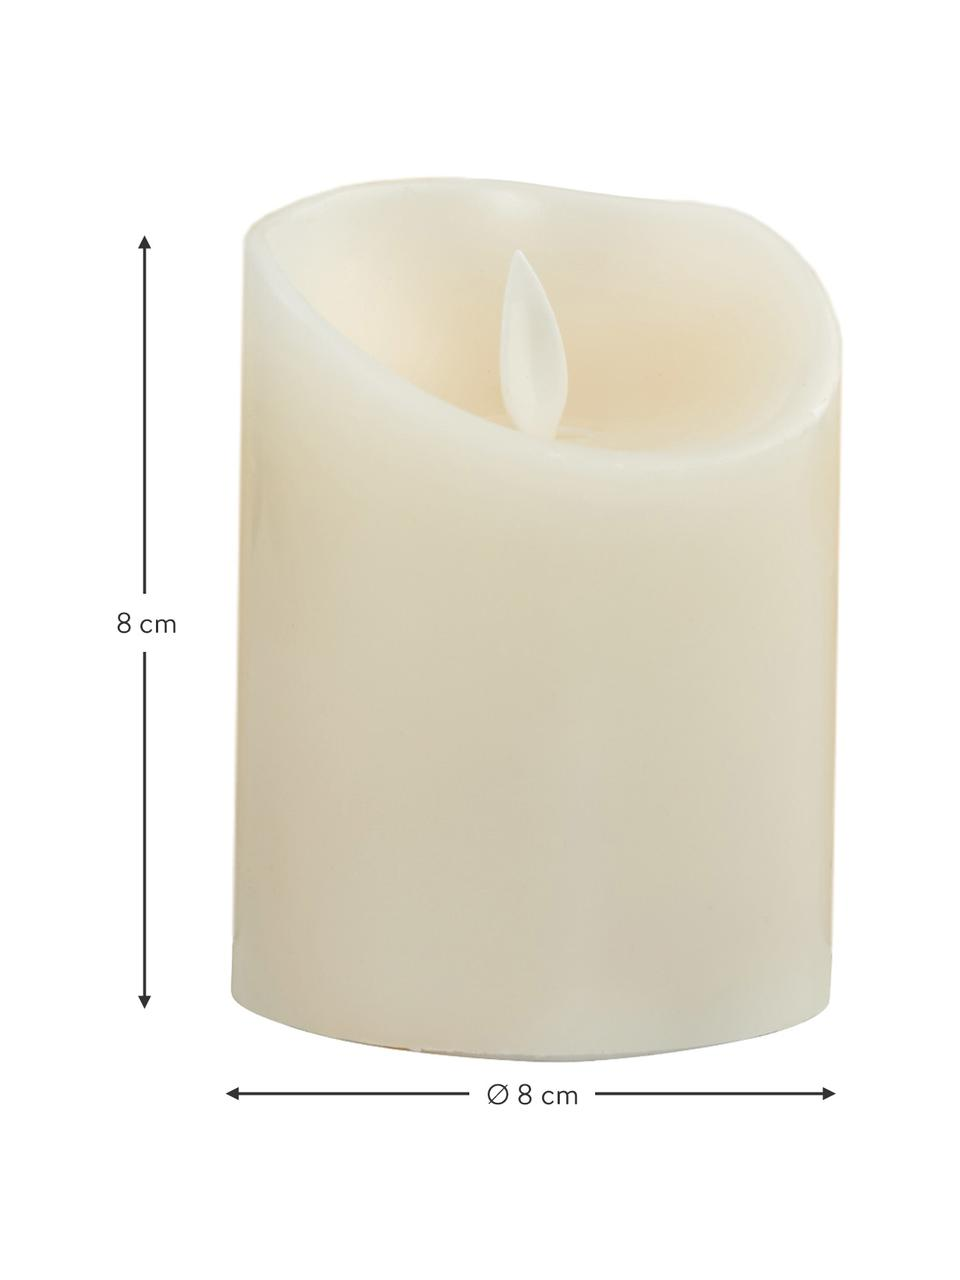 Komplet świec LED Glowing Flame, 3-elem., Parafina, tworzywo sztuczne, Odcienie kremowego, Komplet z różnymi rozmiarami